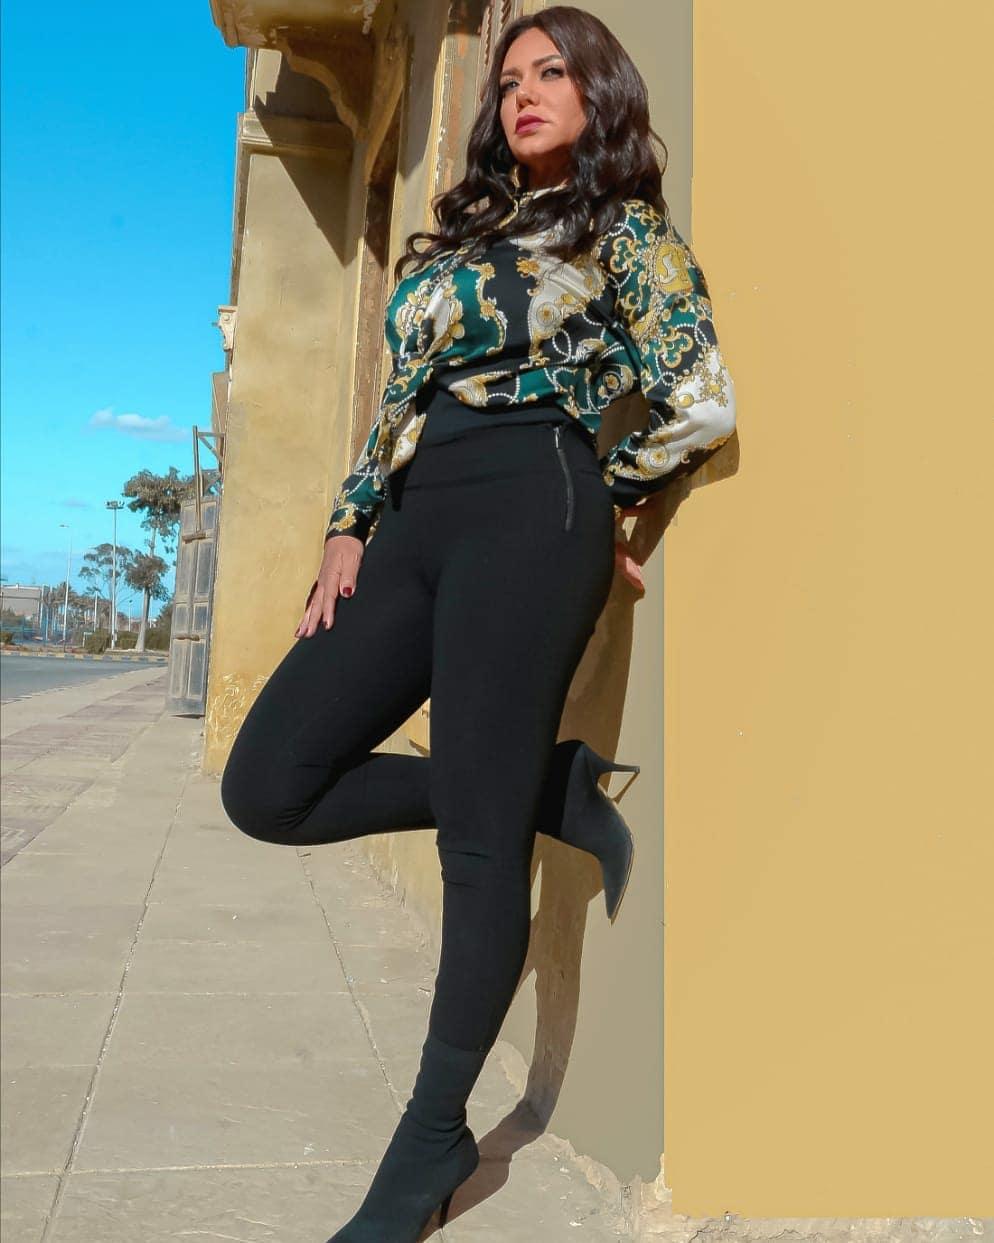 رانيا يوسف تشارك متابعيها بجلسة تصوير جديدة